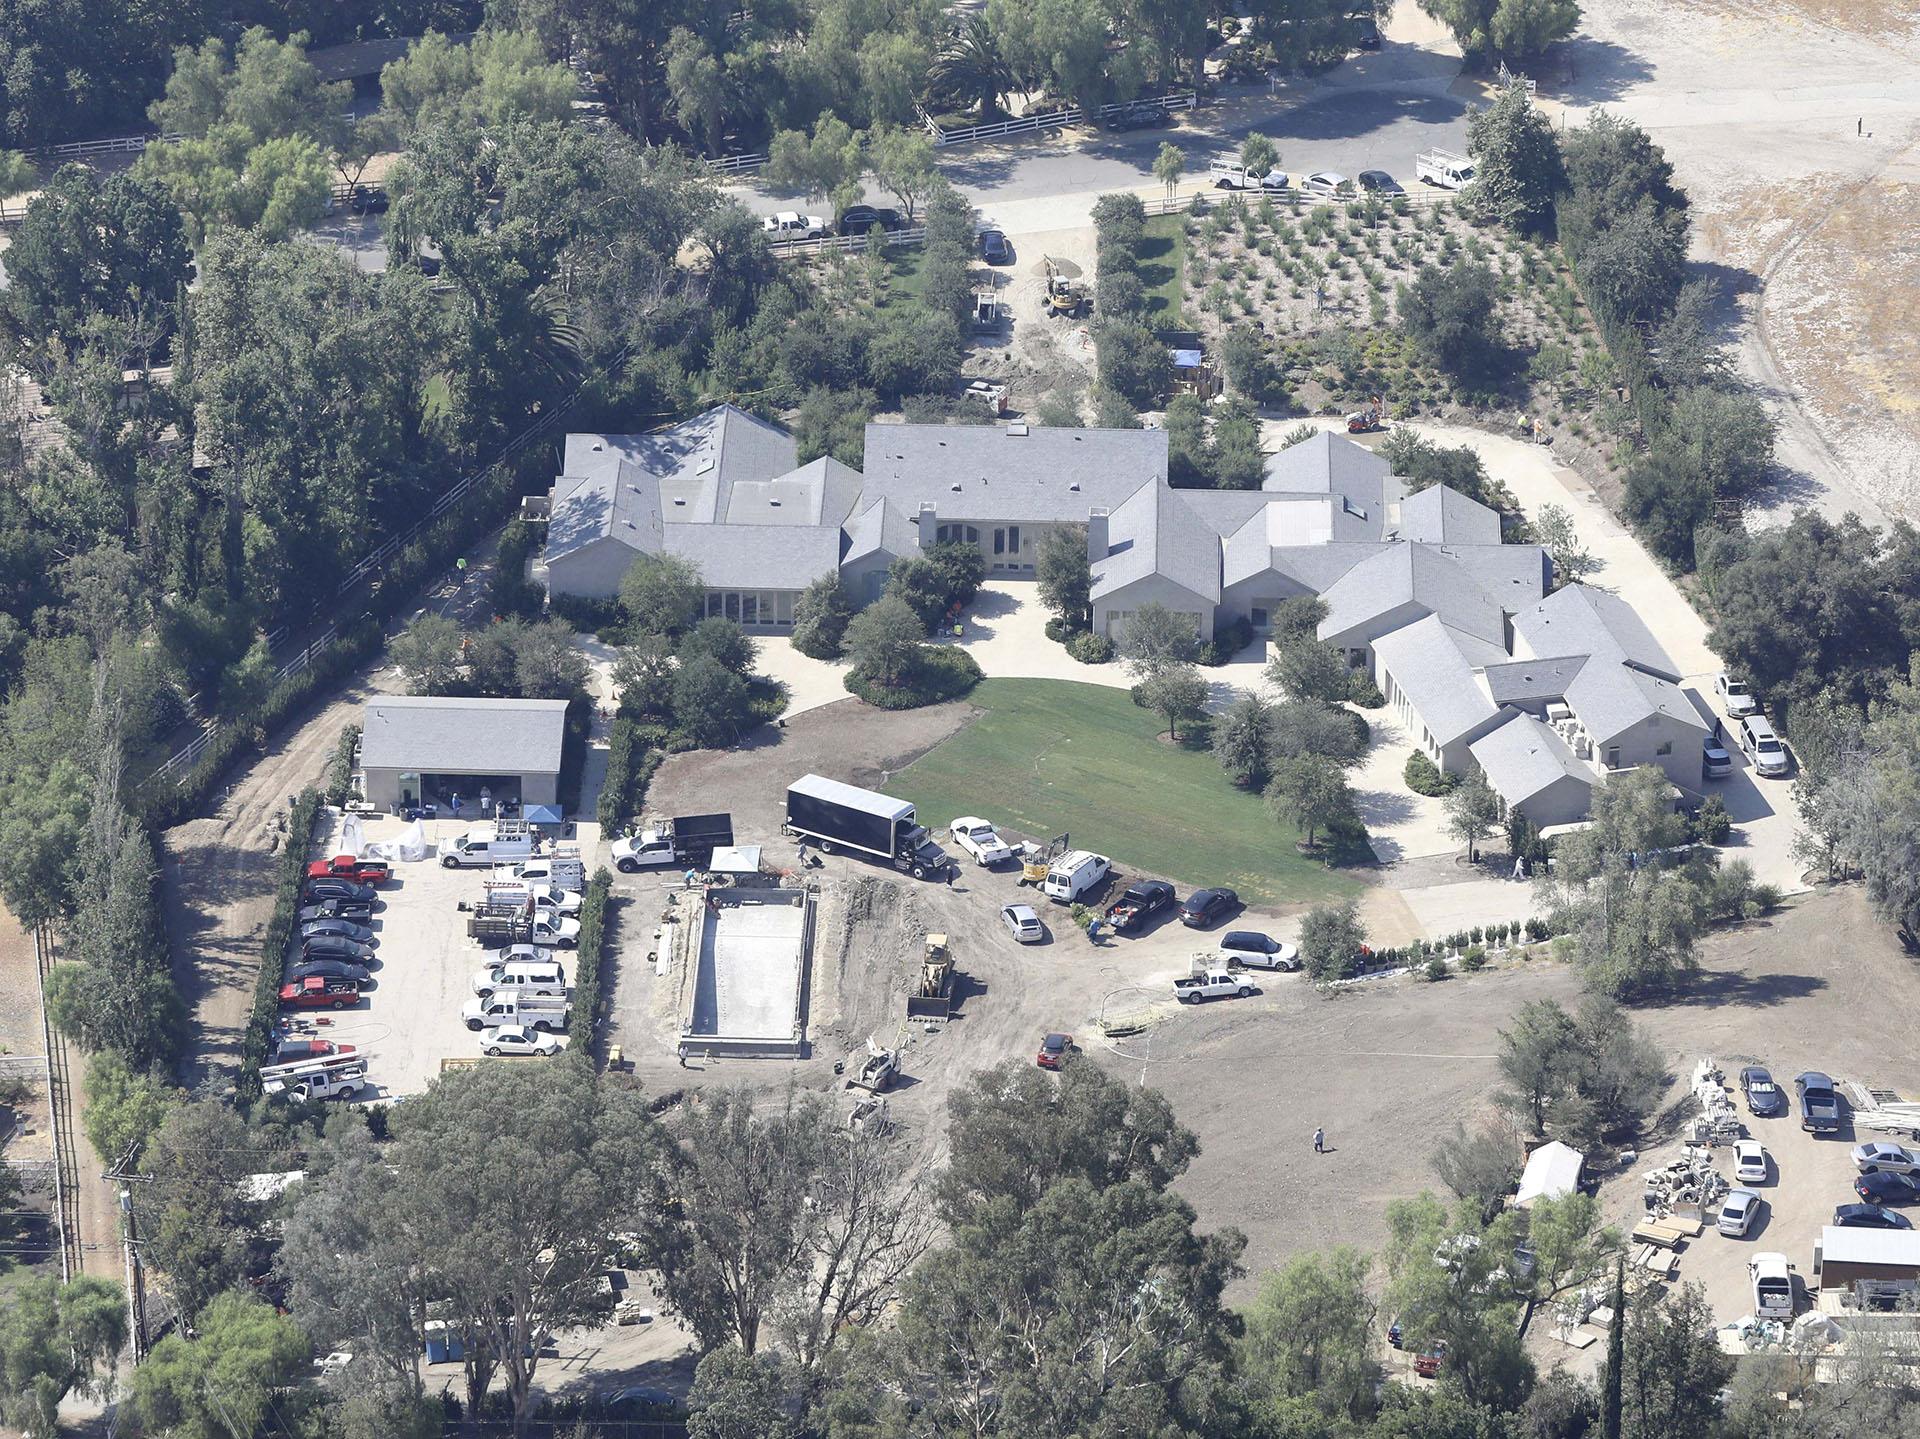 Kim Kardashian y Kanye West pueden perder su millonaria mansión familiar en Calabasas. La pareja tuvo que evacuar debido a los incendios forestalesen California (The Grosby Group)